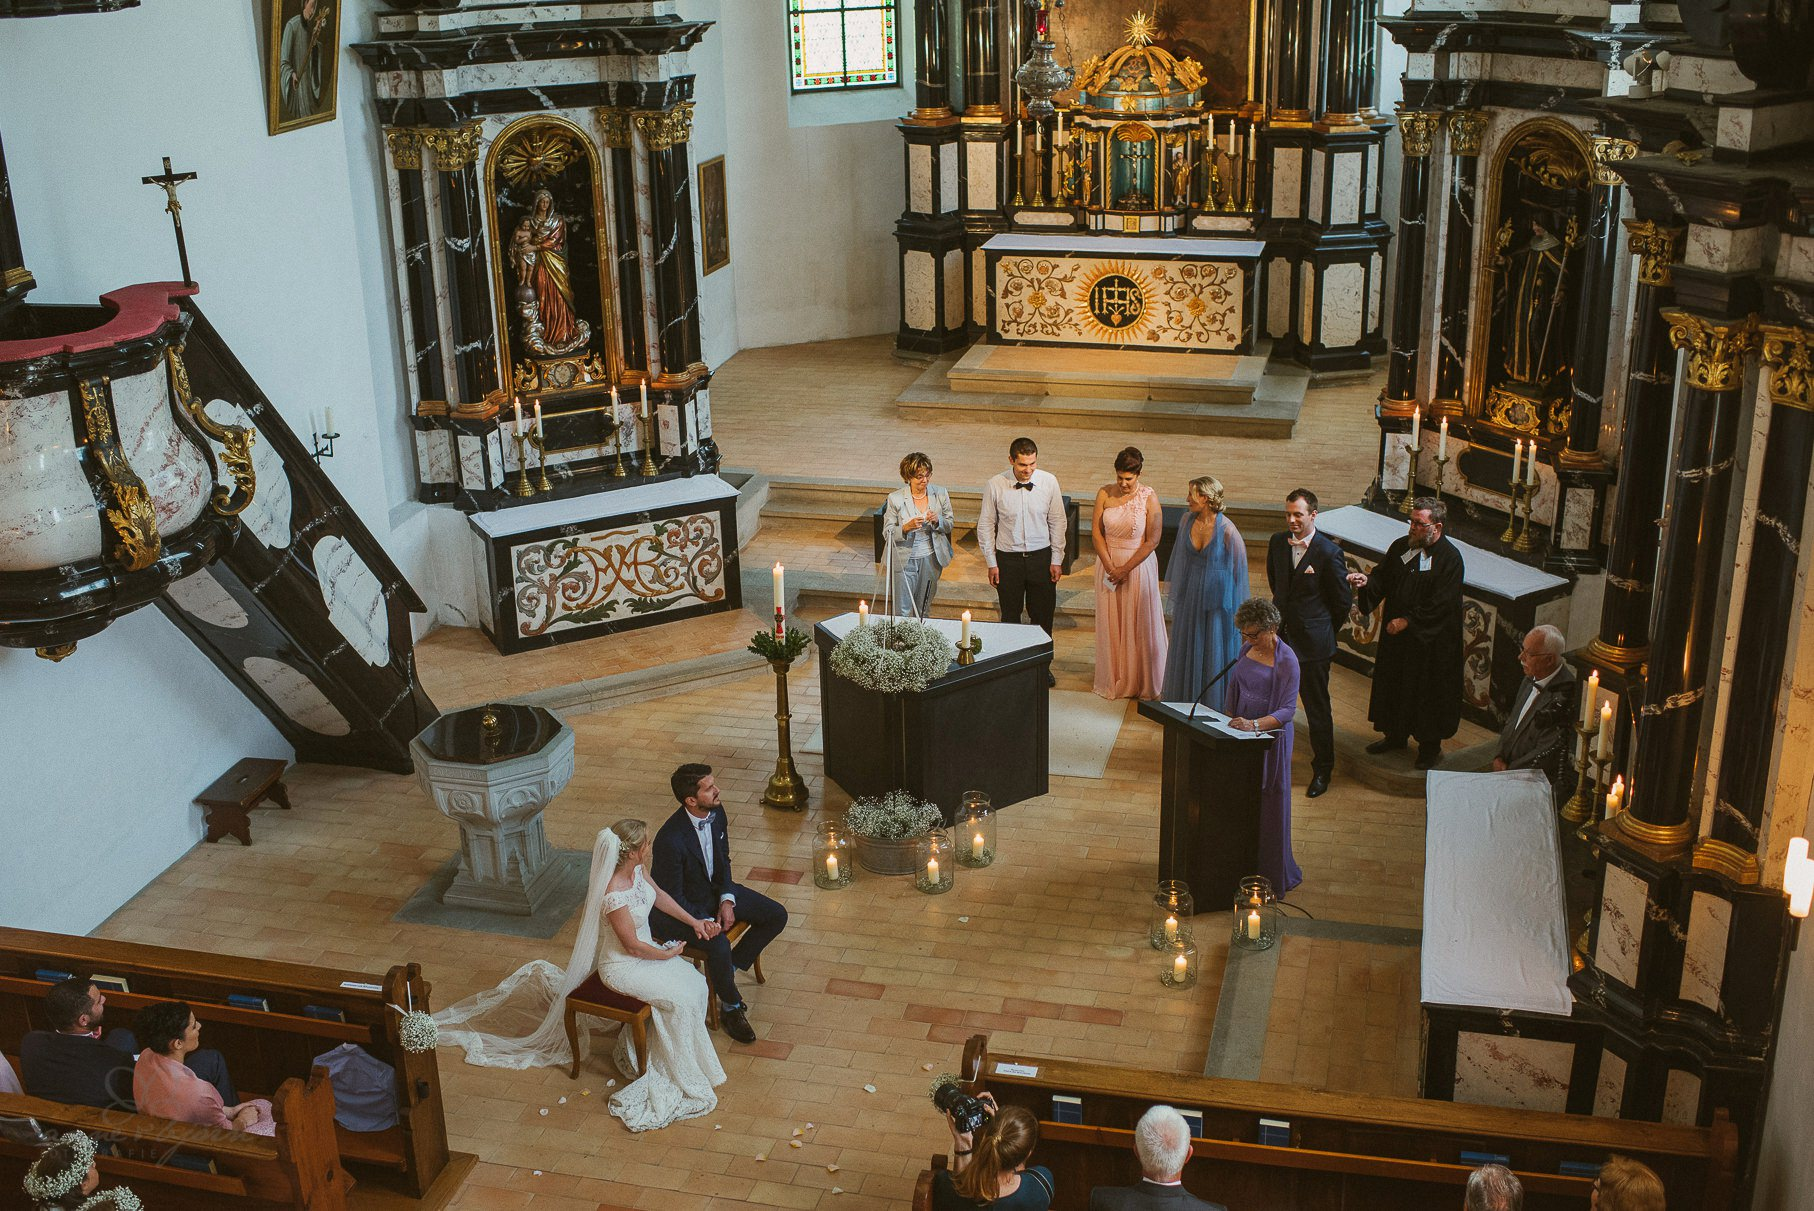 0050 anne und bjoern hochzeit schweiz 811 4274 - DIY Hochzeit in der Schweiz - Sabrina & Christoph